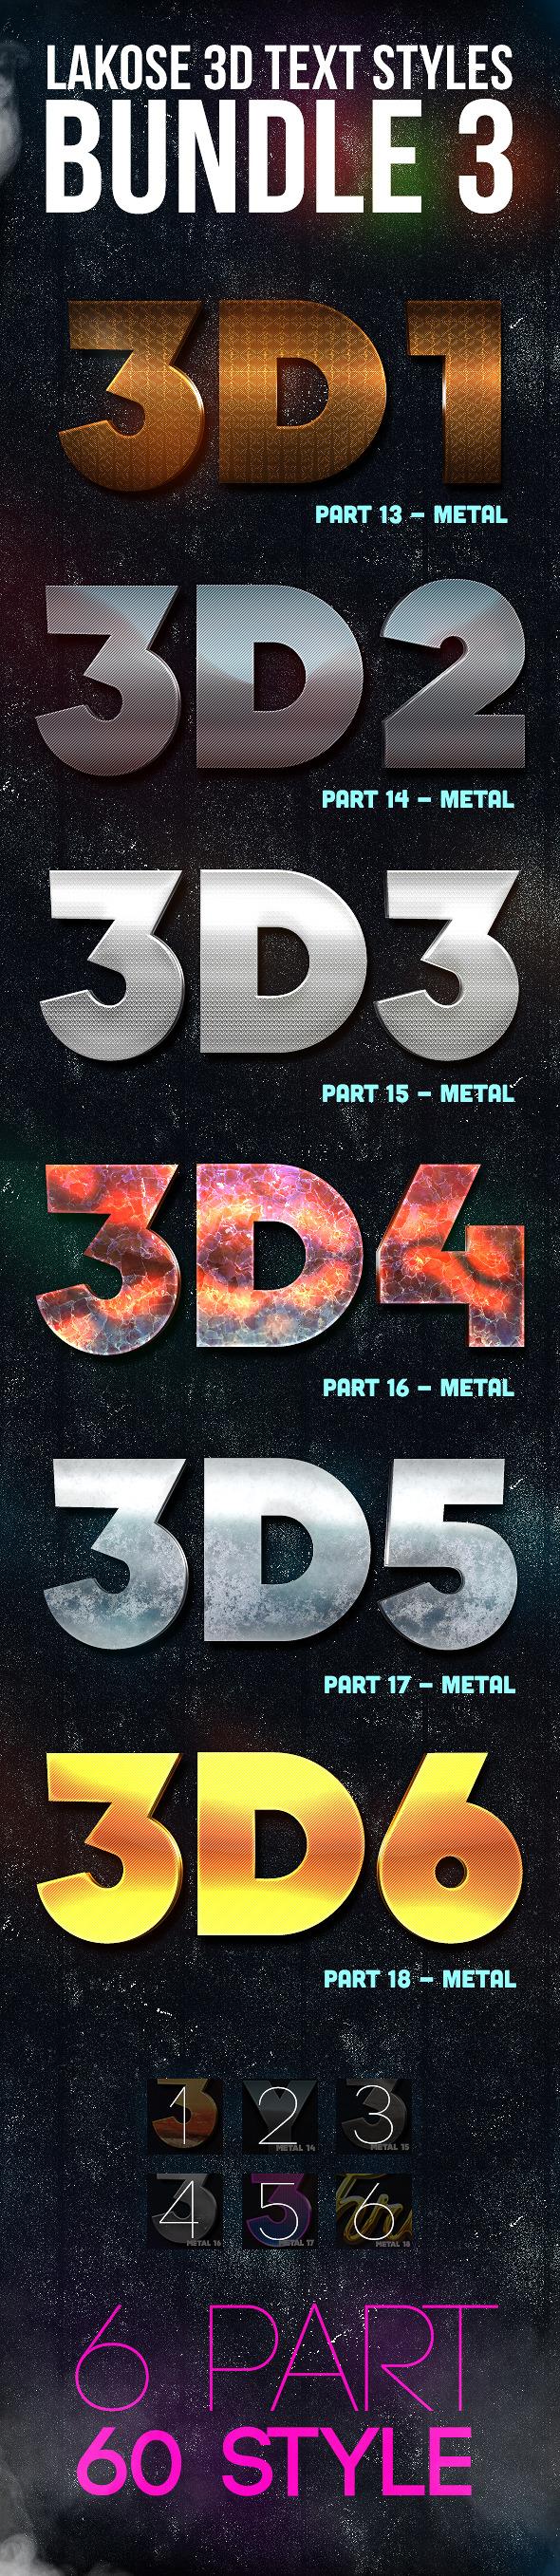 Lakose 3D Text Styles Bundle 3 - Text Effects Styles